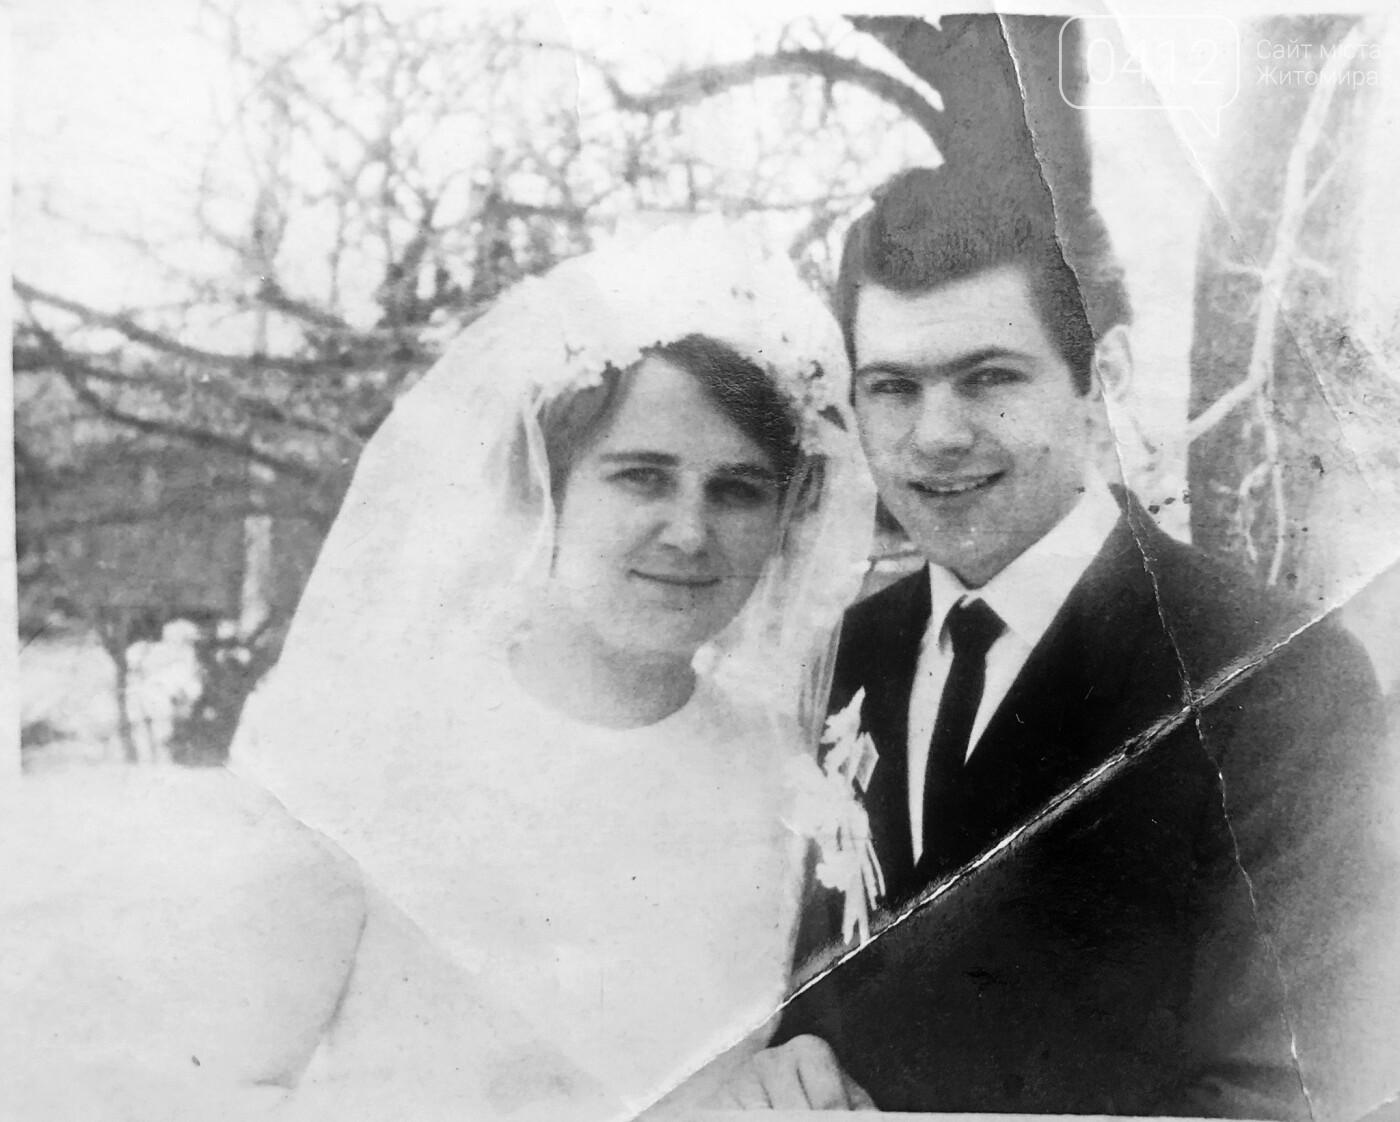 Пів століття разом, долаючи усі труднощі, або Секрети щасливого сімейного життя подружжя на Житомирщині, фото-2